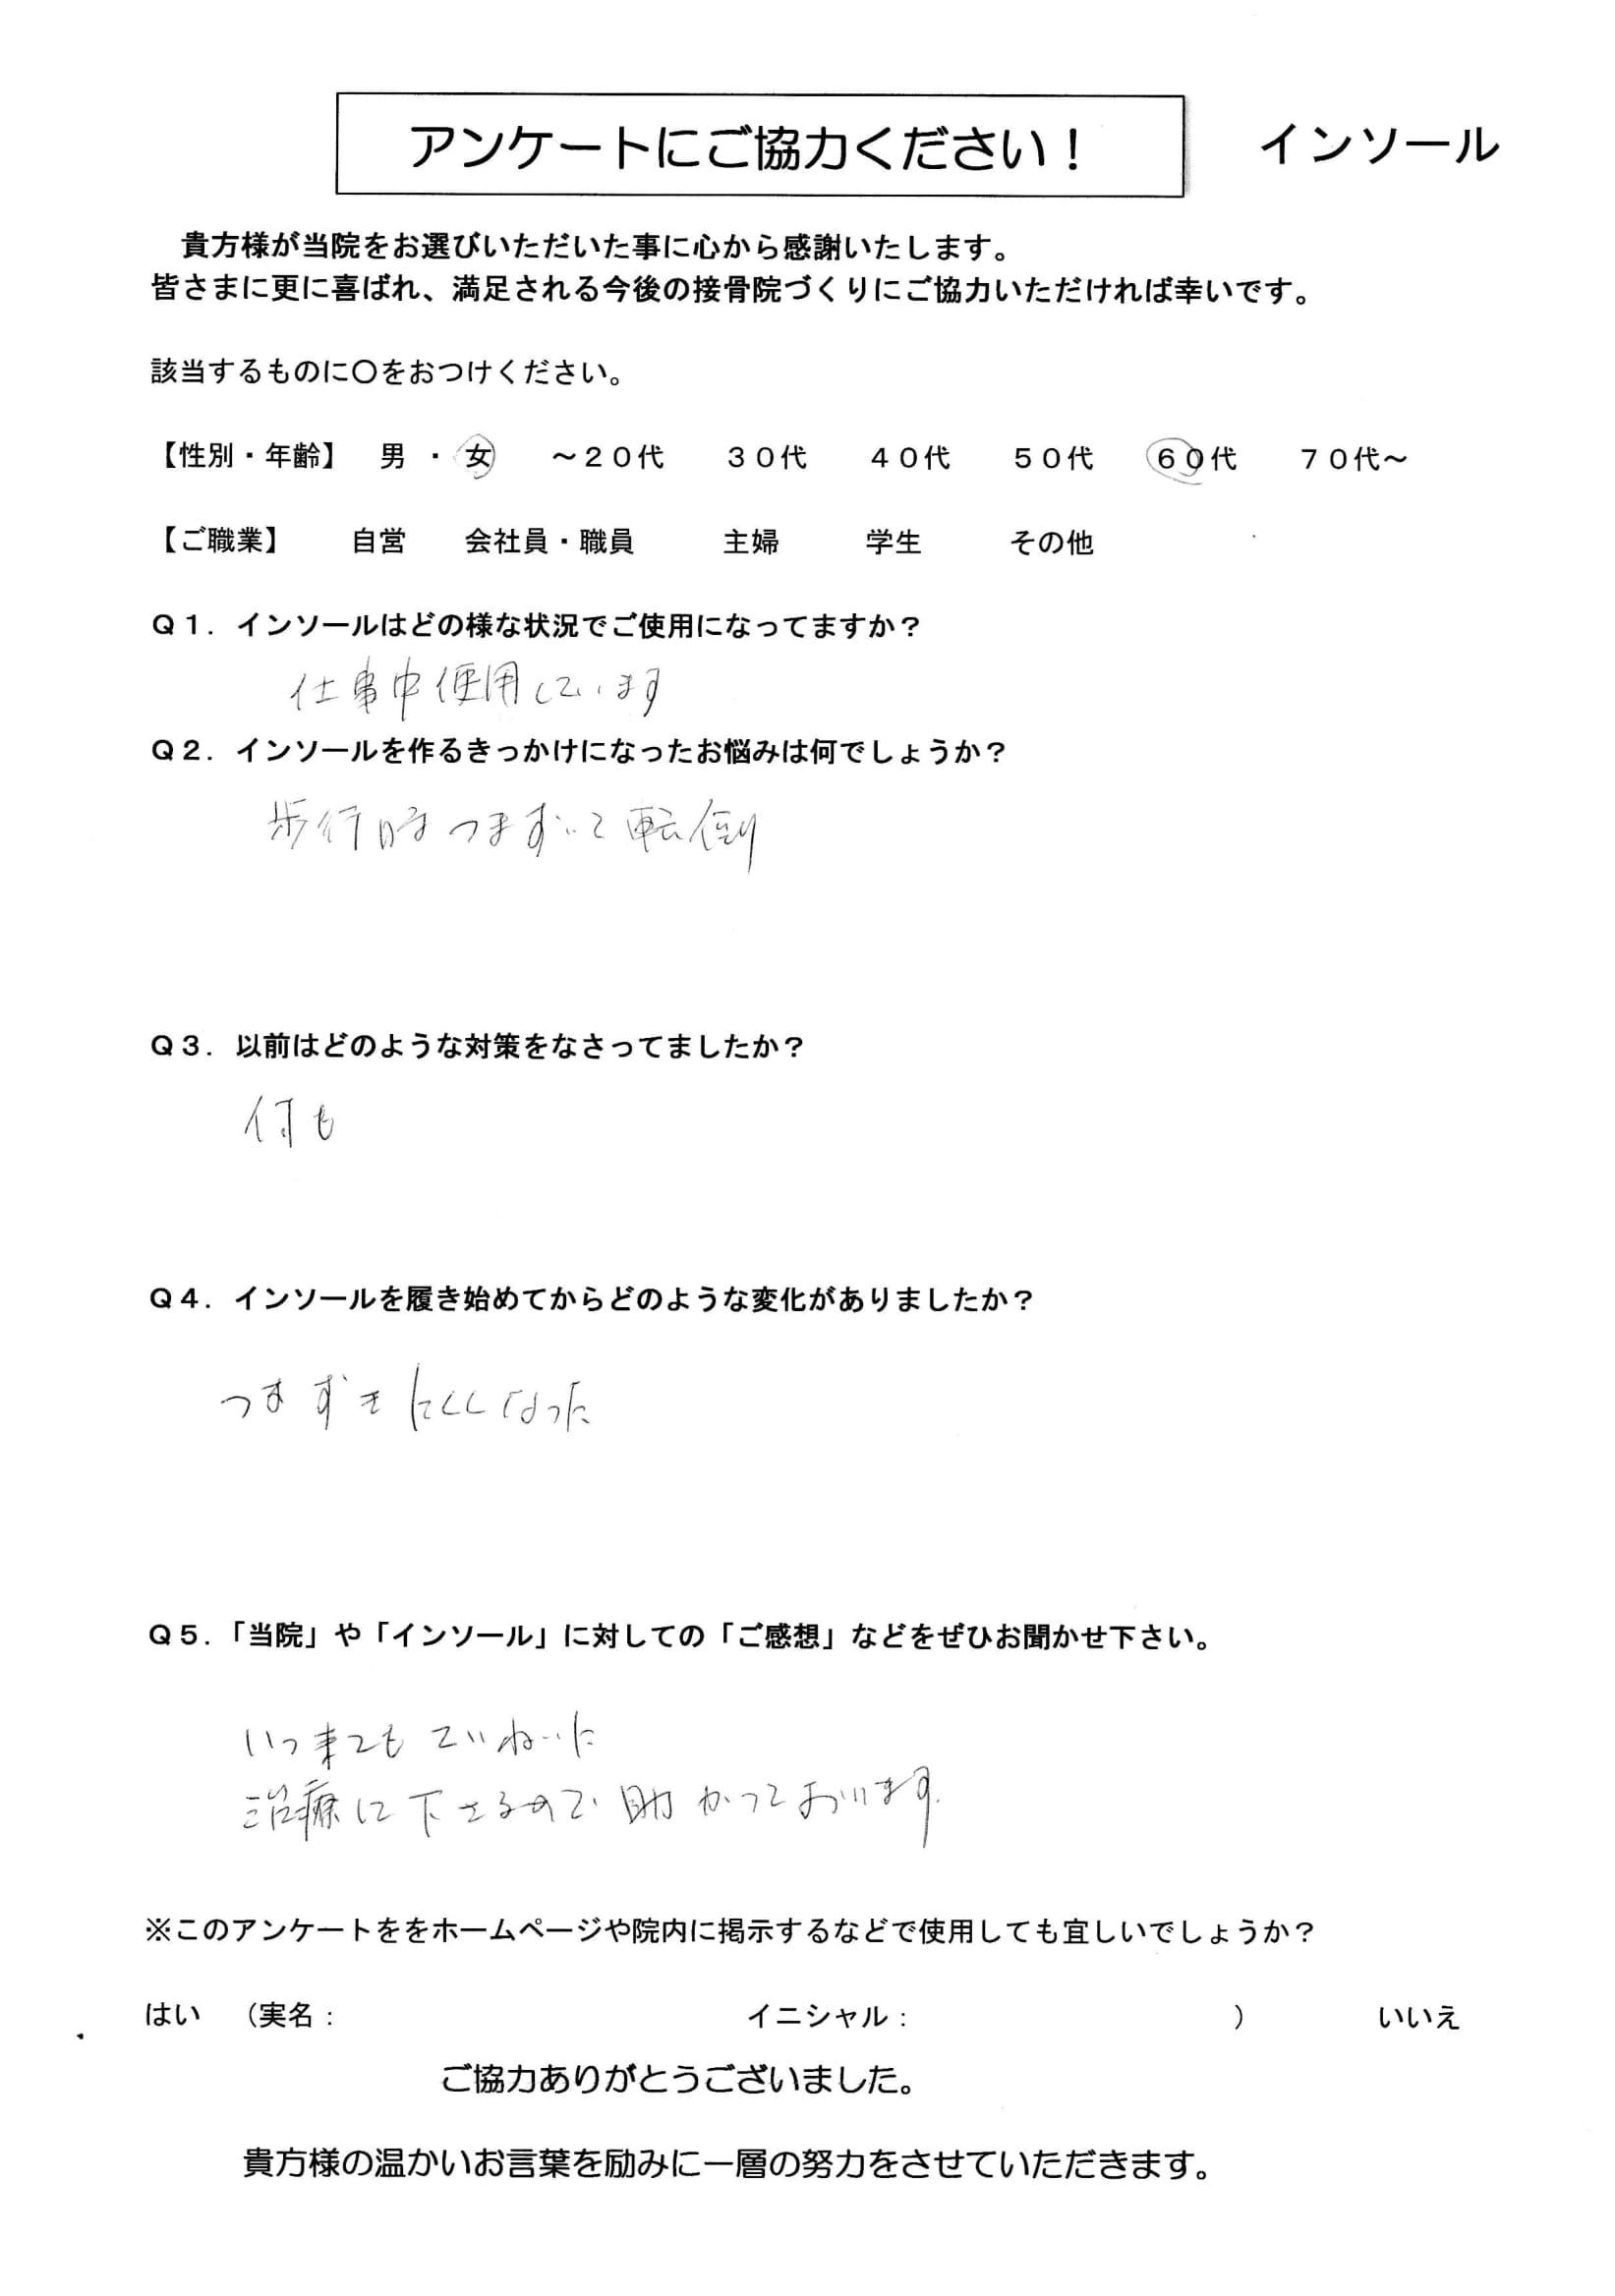 インソール アンケート 60代(女) (Kさん)-1